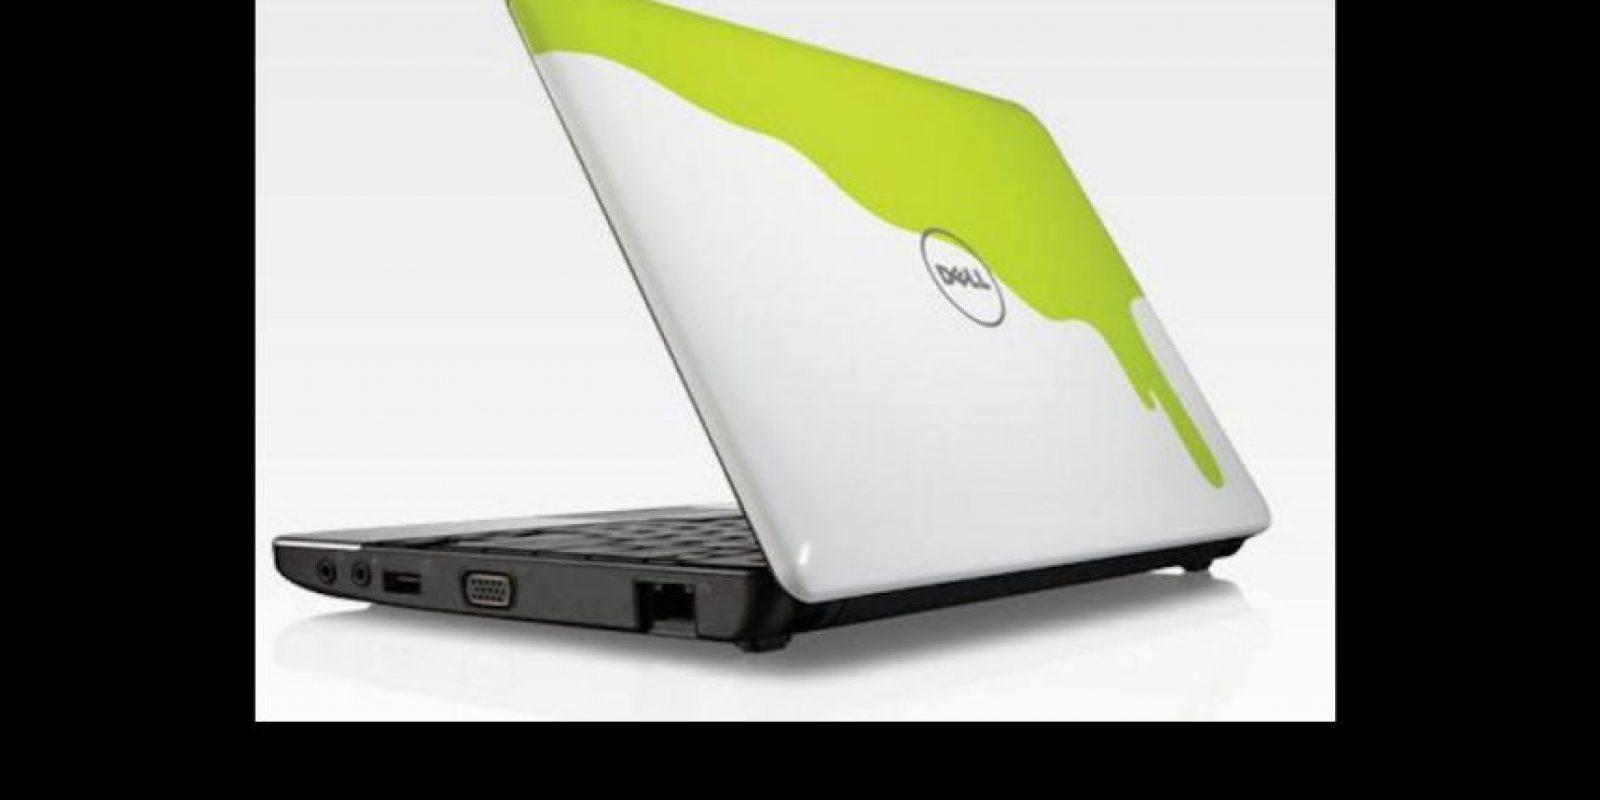 """Su diseño incluye líquido verde del canal de Viacom, así como con otros diseños basados en programas como """"SpongeBob SquarePants"""" e """"iCarly"""". Se puso a la venta en 2009 Foto:Dell/Nickelodeon"""